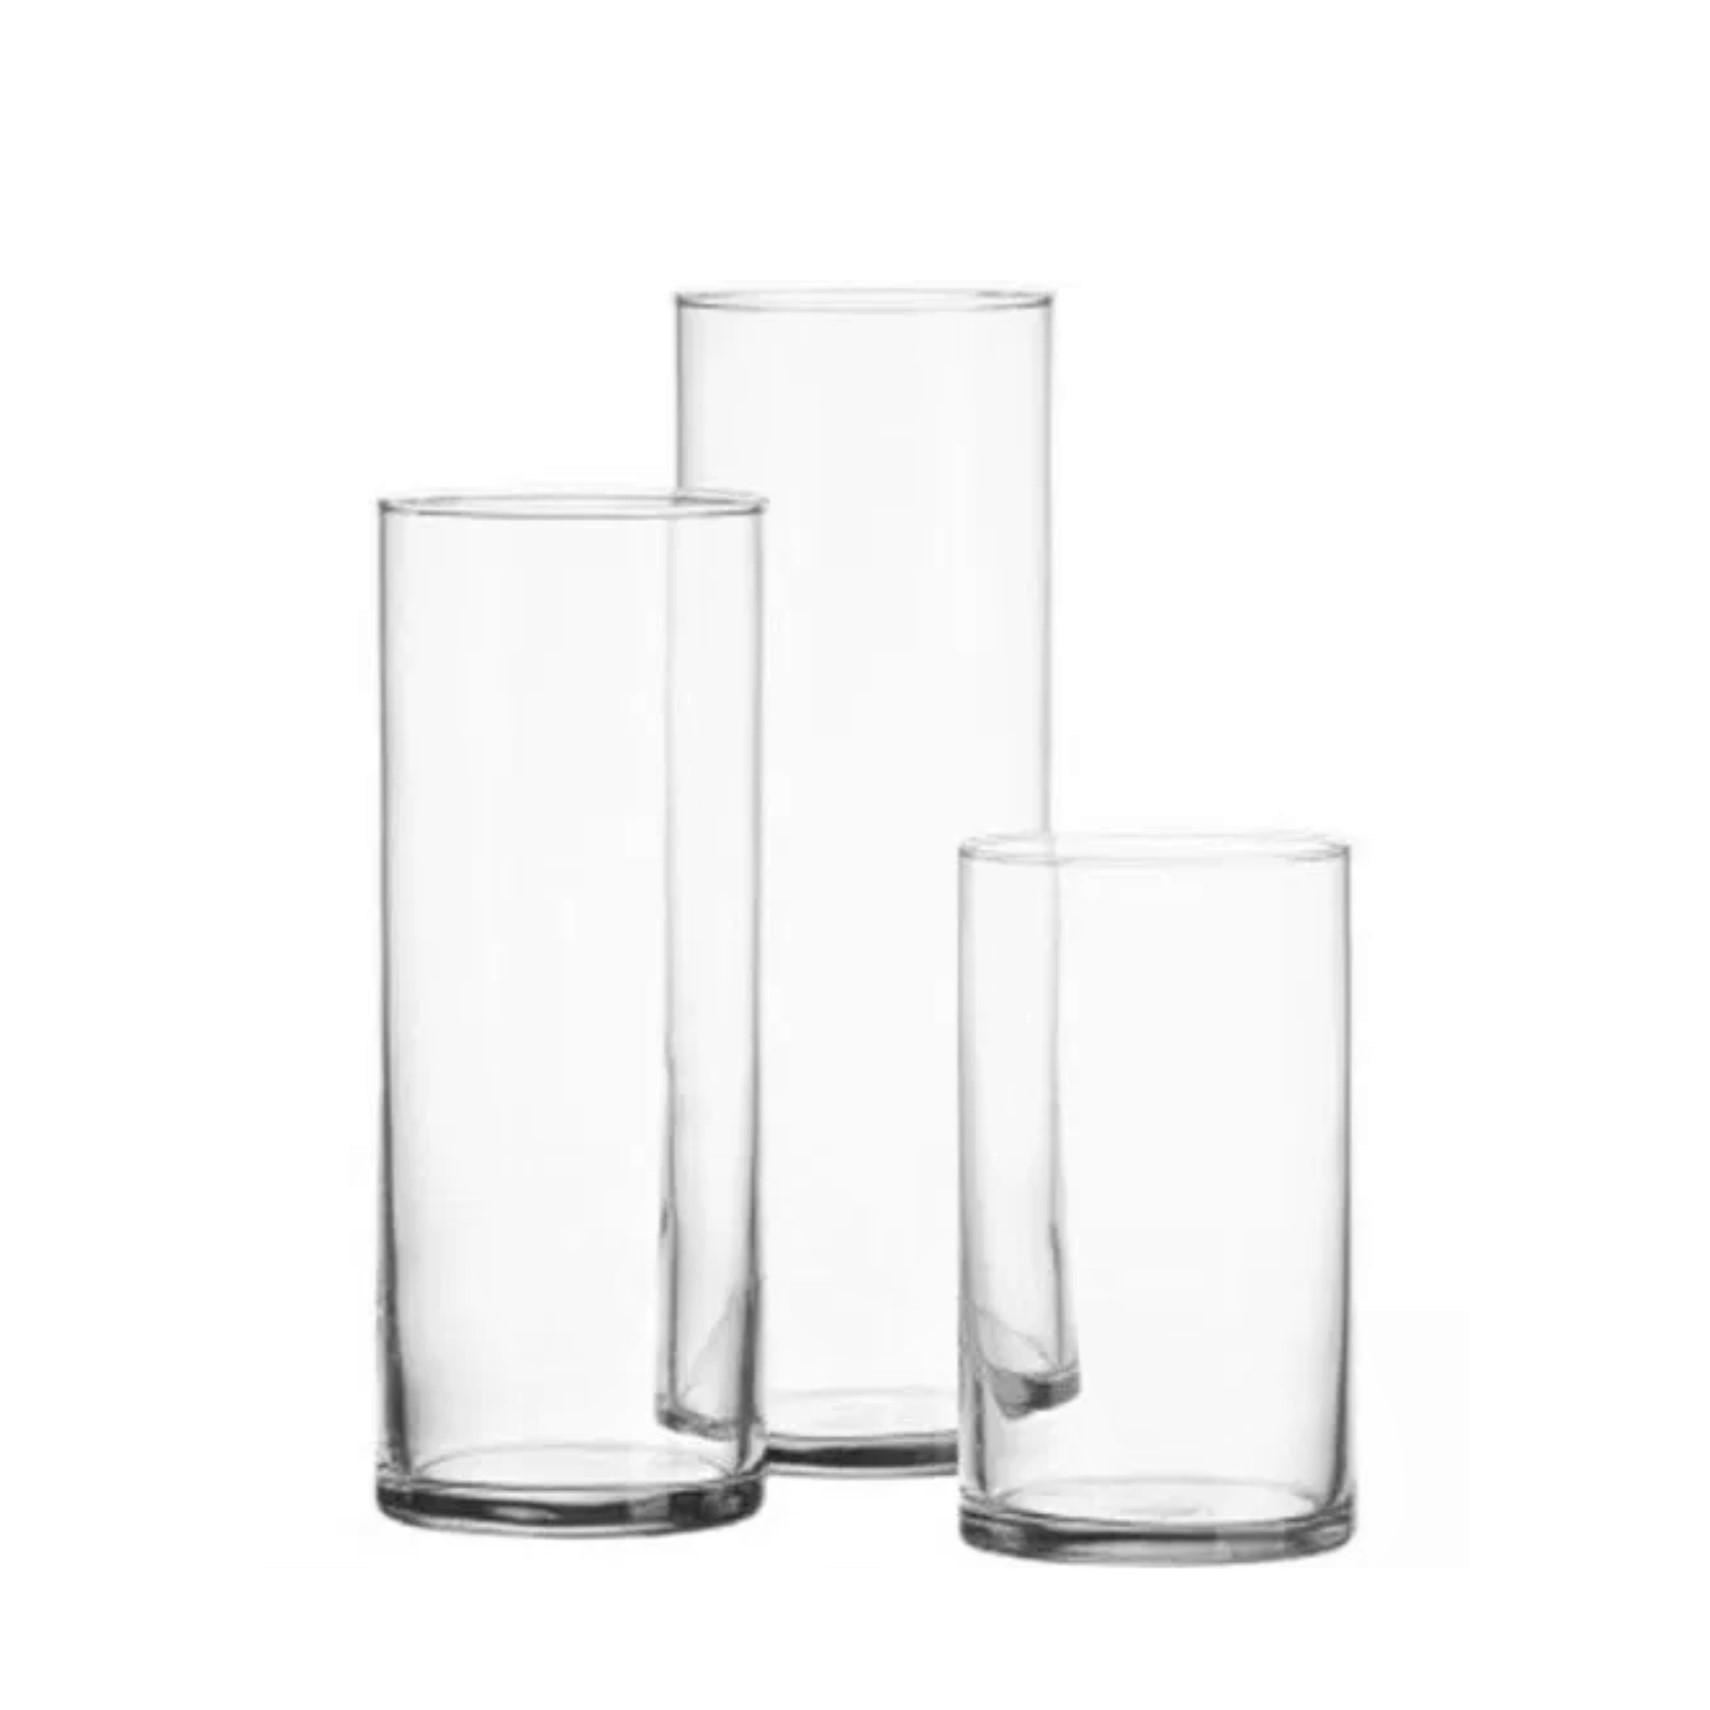 GLASS CYLINDER VASES